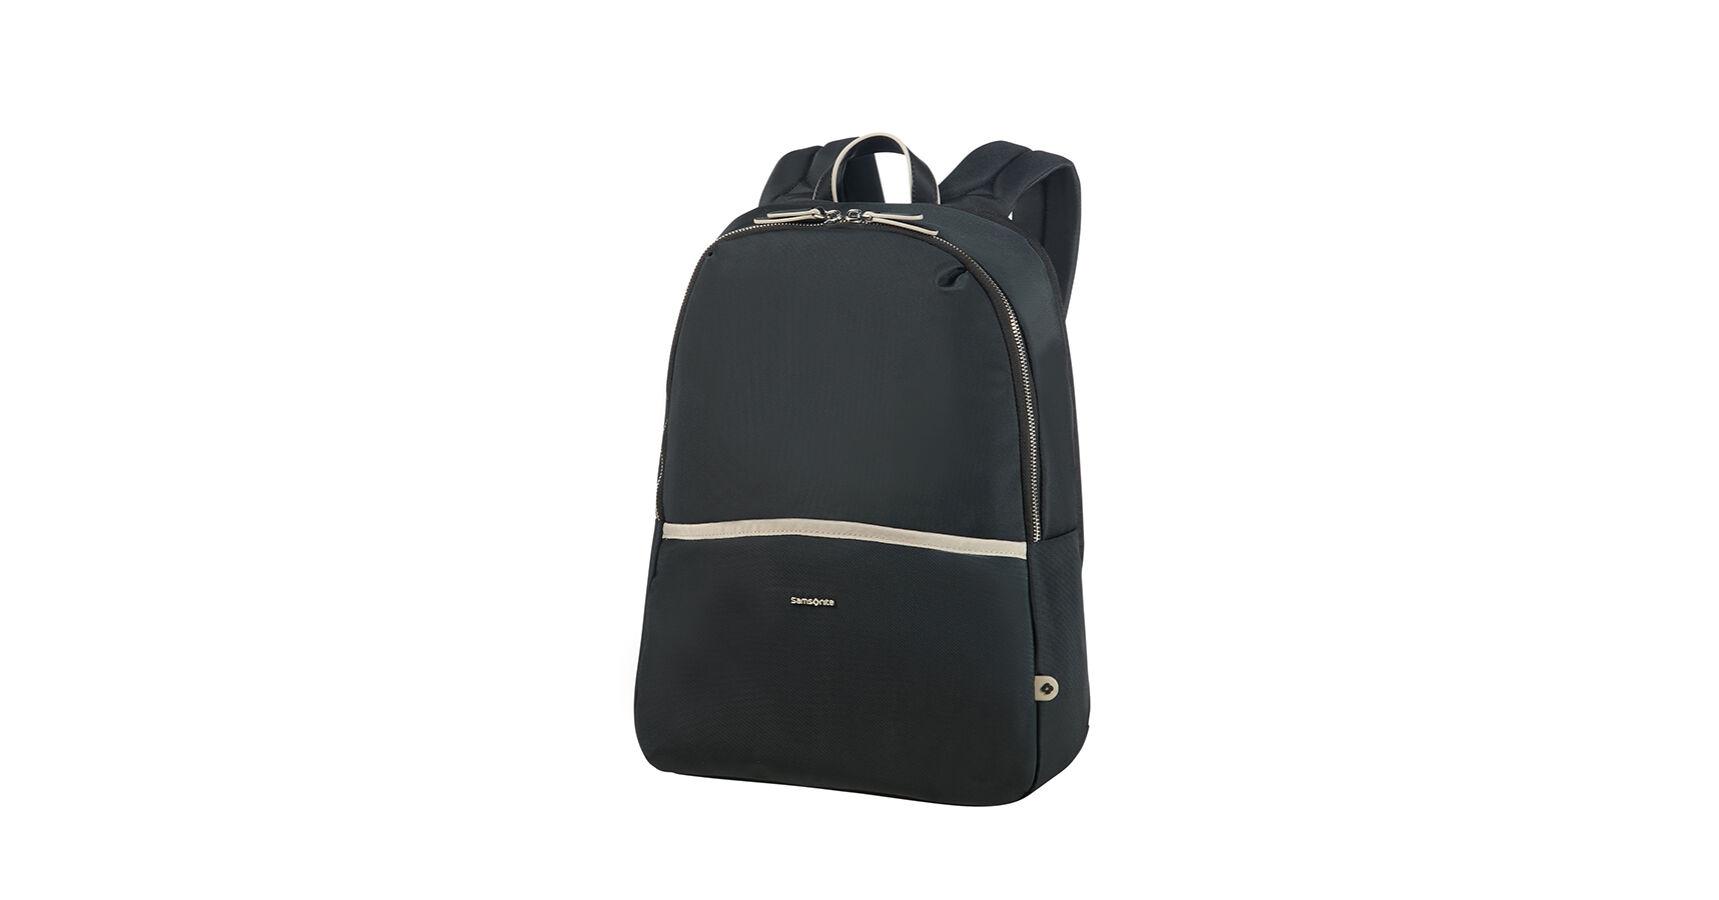 ee91f7cba08a Samsonite Nefti Laptop Hátizsák 14,1 - Nefti - Etáska - minőségi táska  webáruház hatalmas választékkal